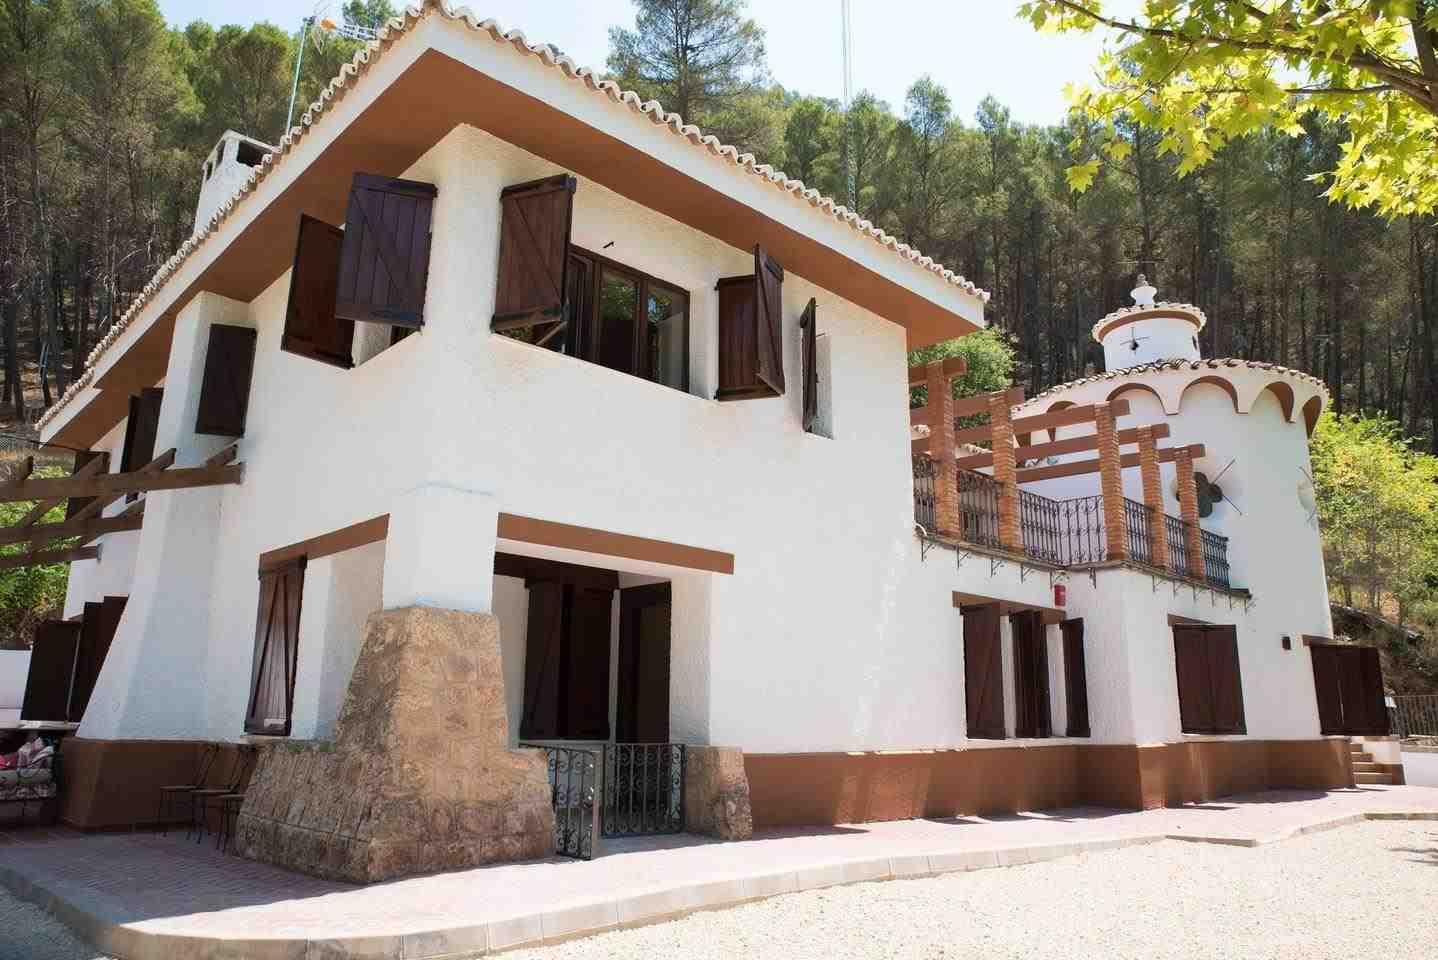 Alquiler vacacional en Hornos, Jaén